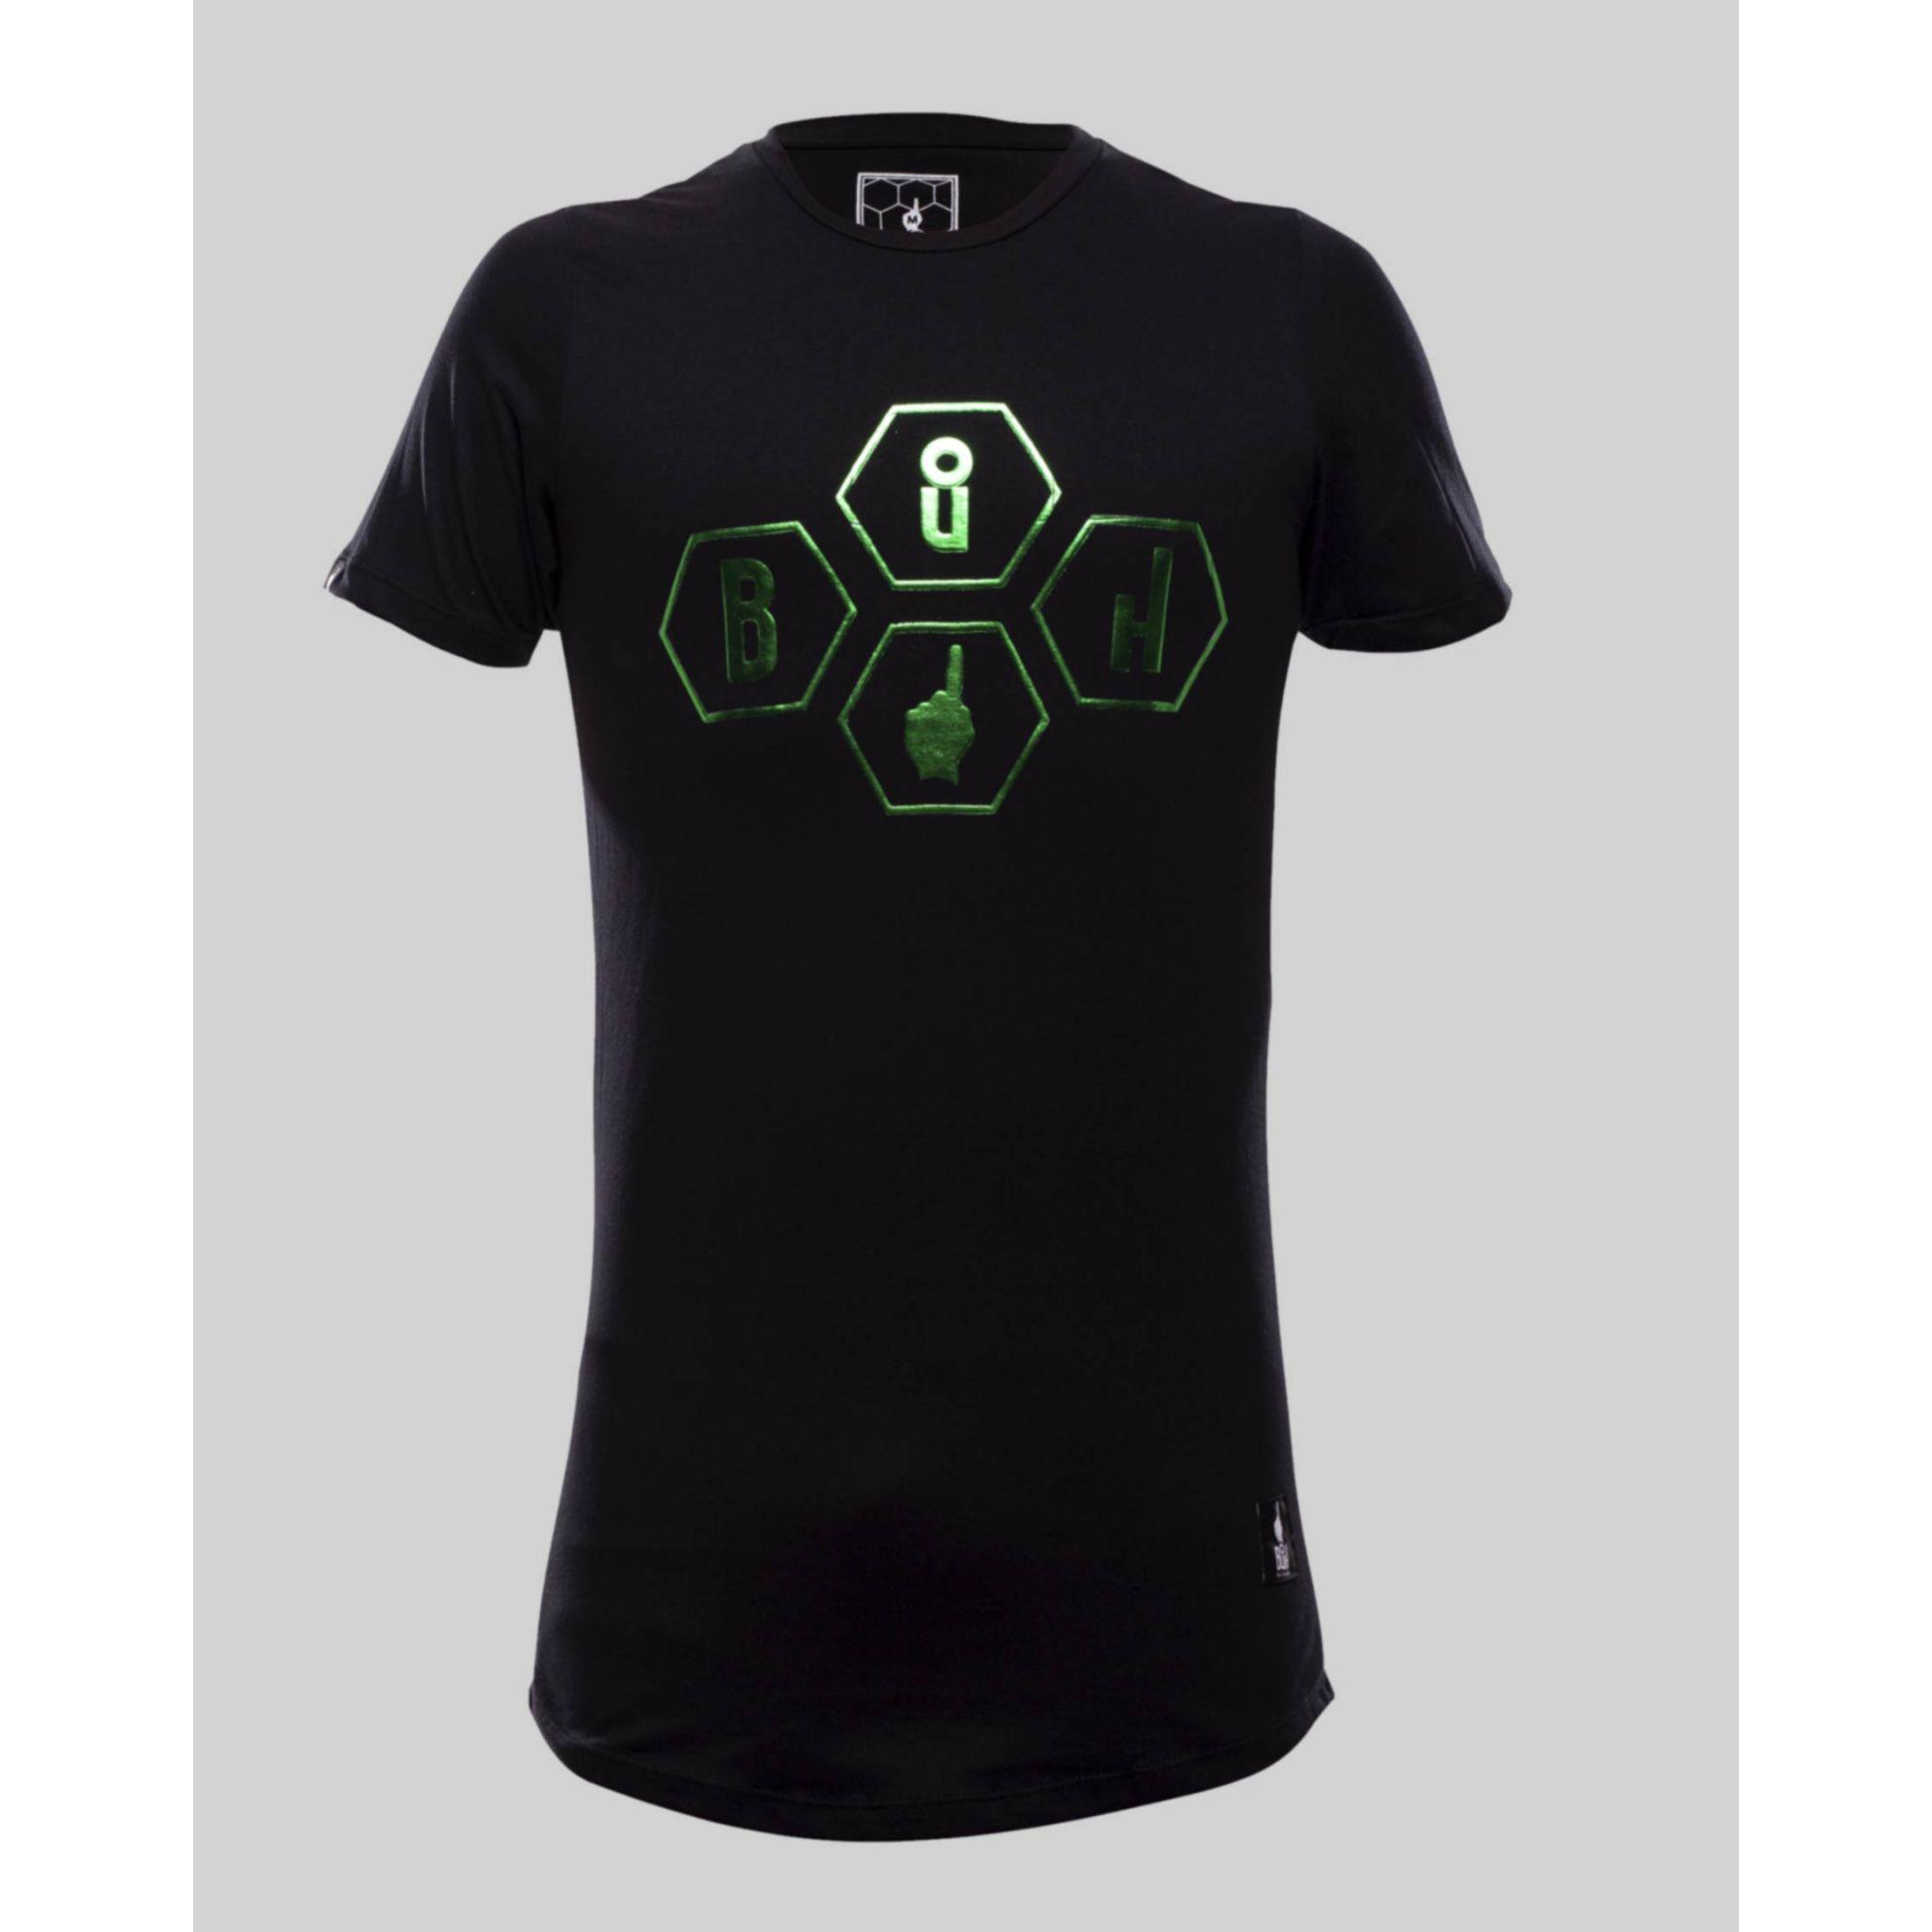 Camiseta Buh Gomos Relevo Black